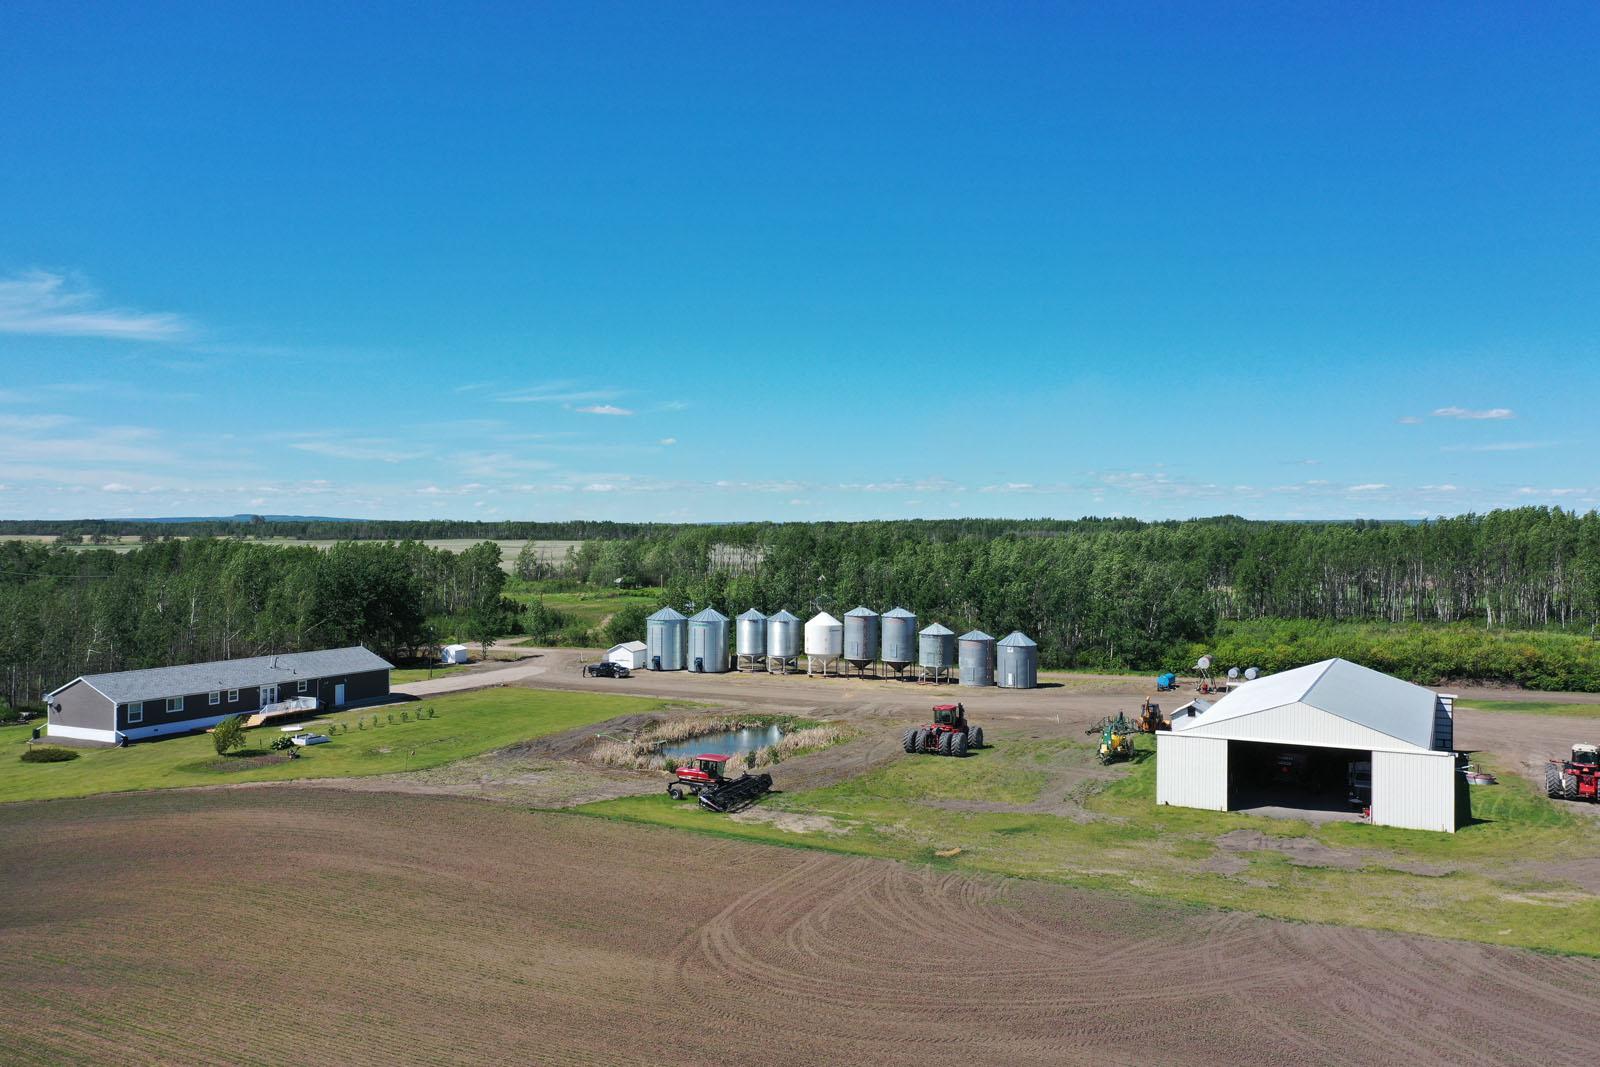 Fort st john grain farm 009